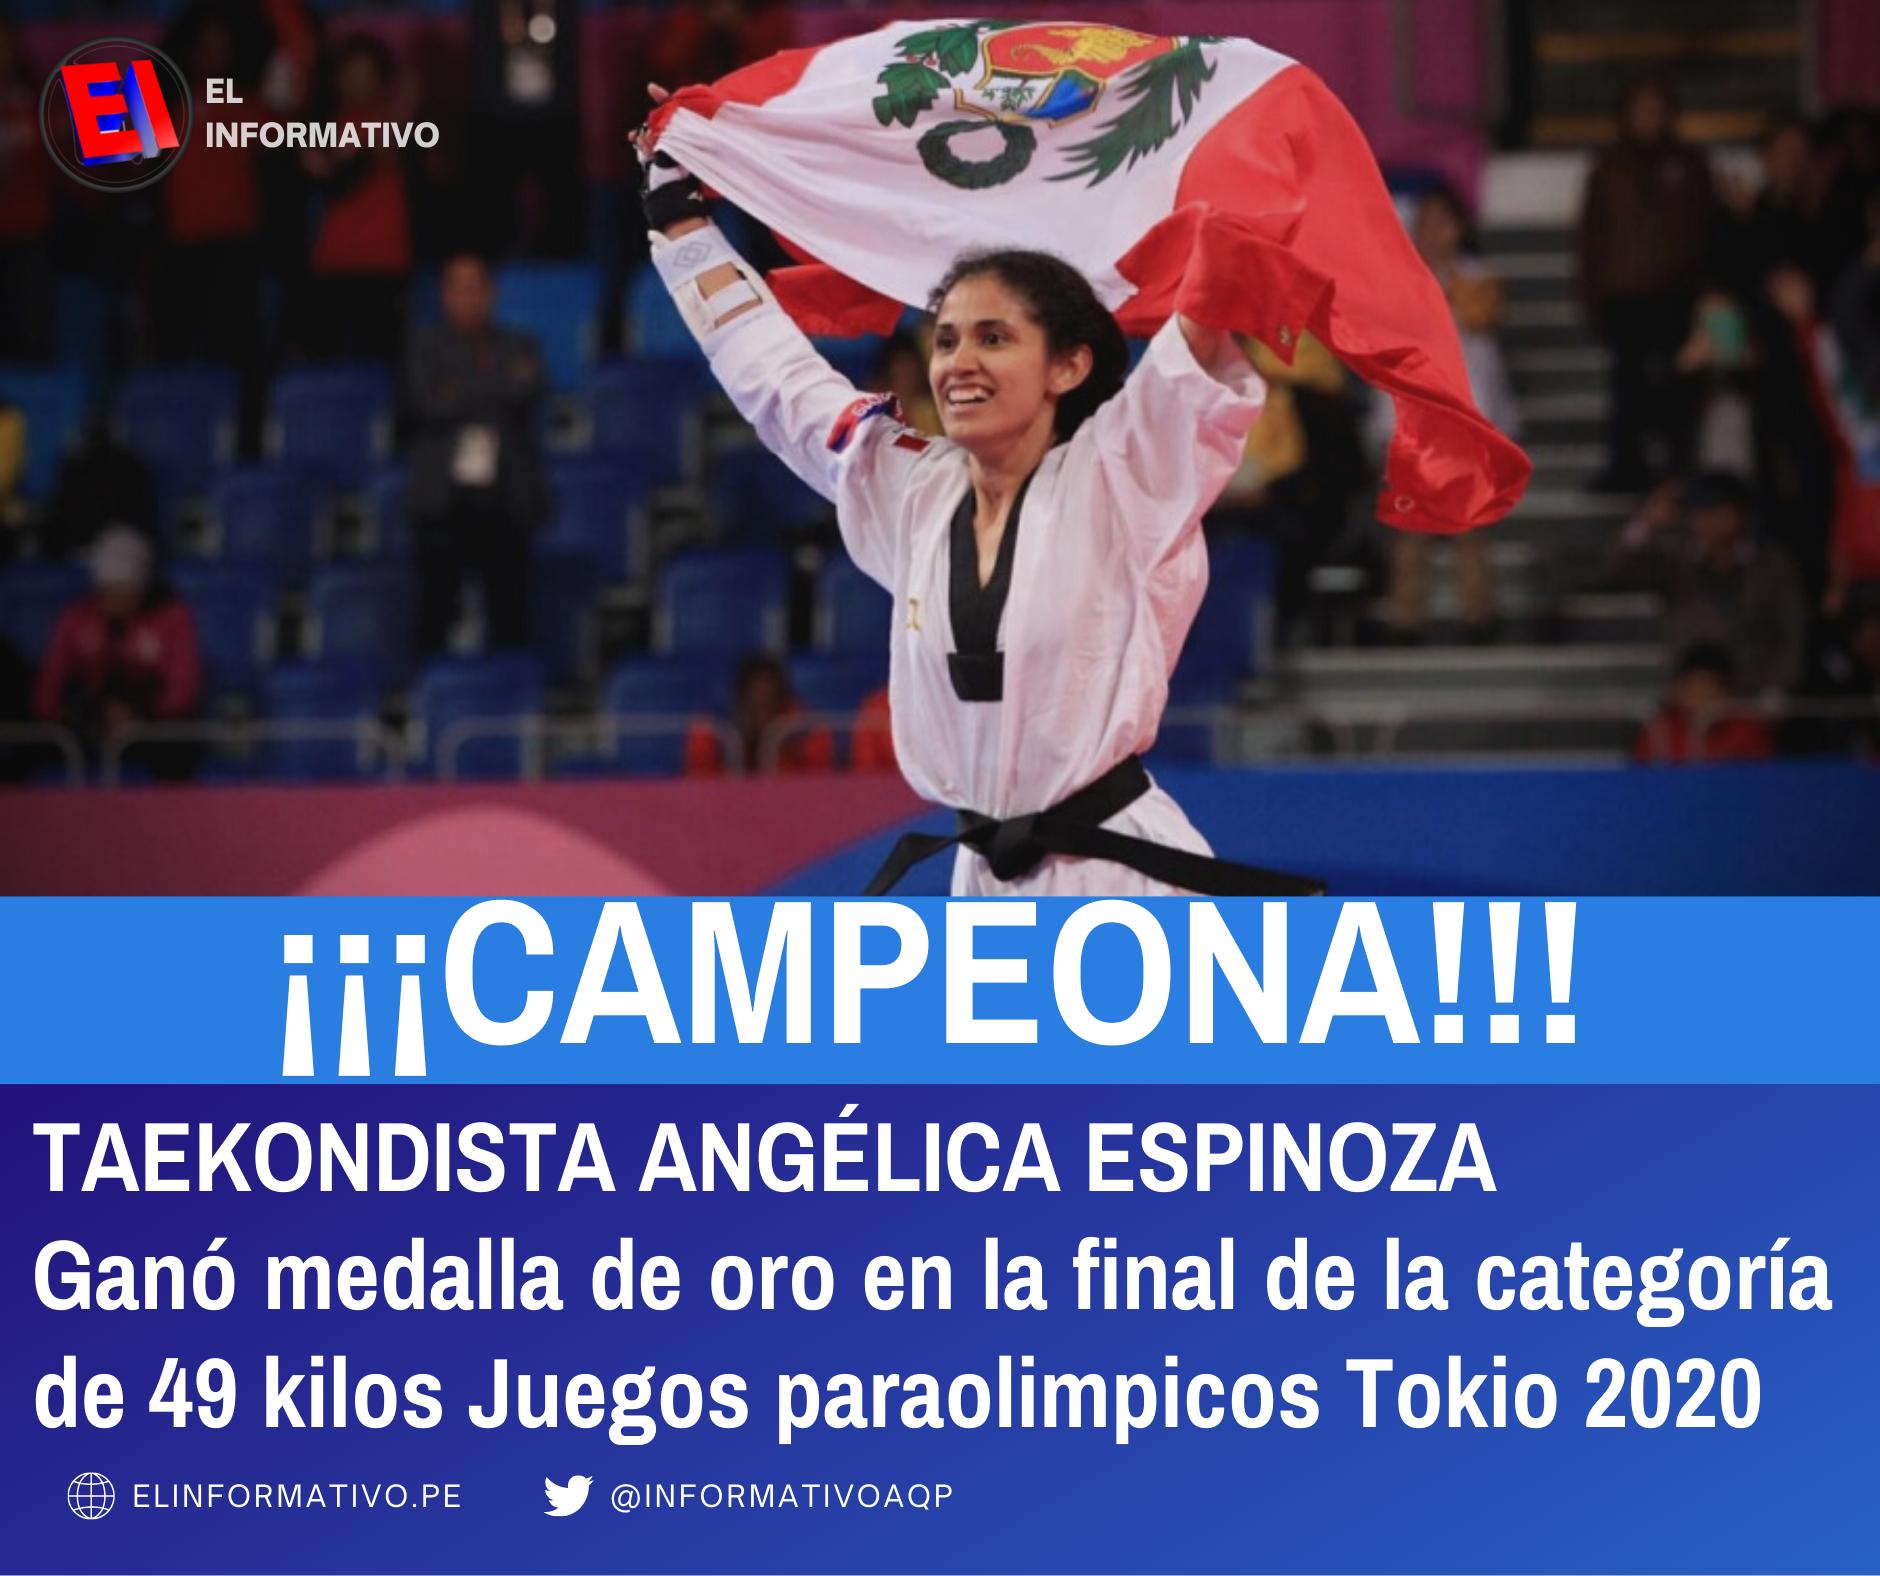 Deportista Peruana gana medalla de Oro en Juegos Paralímpicos de Tokio